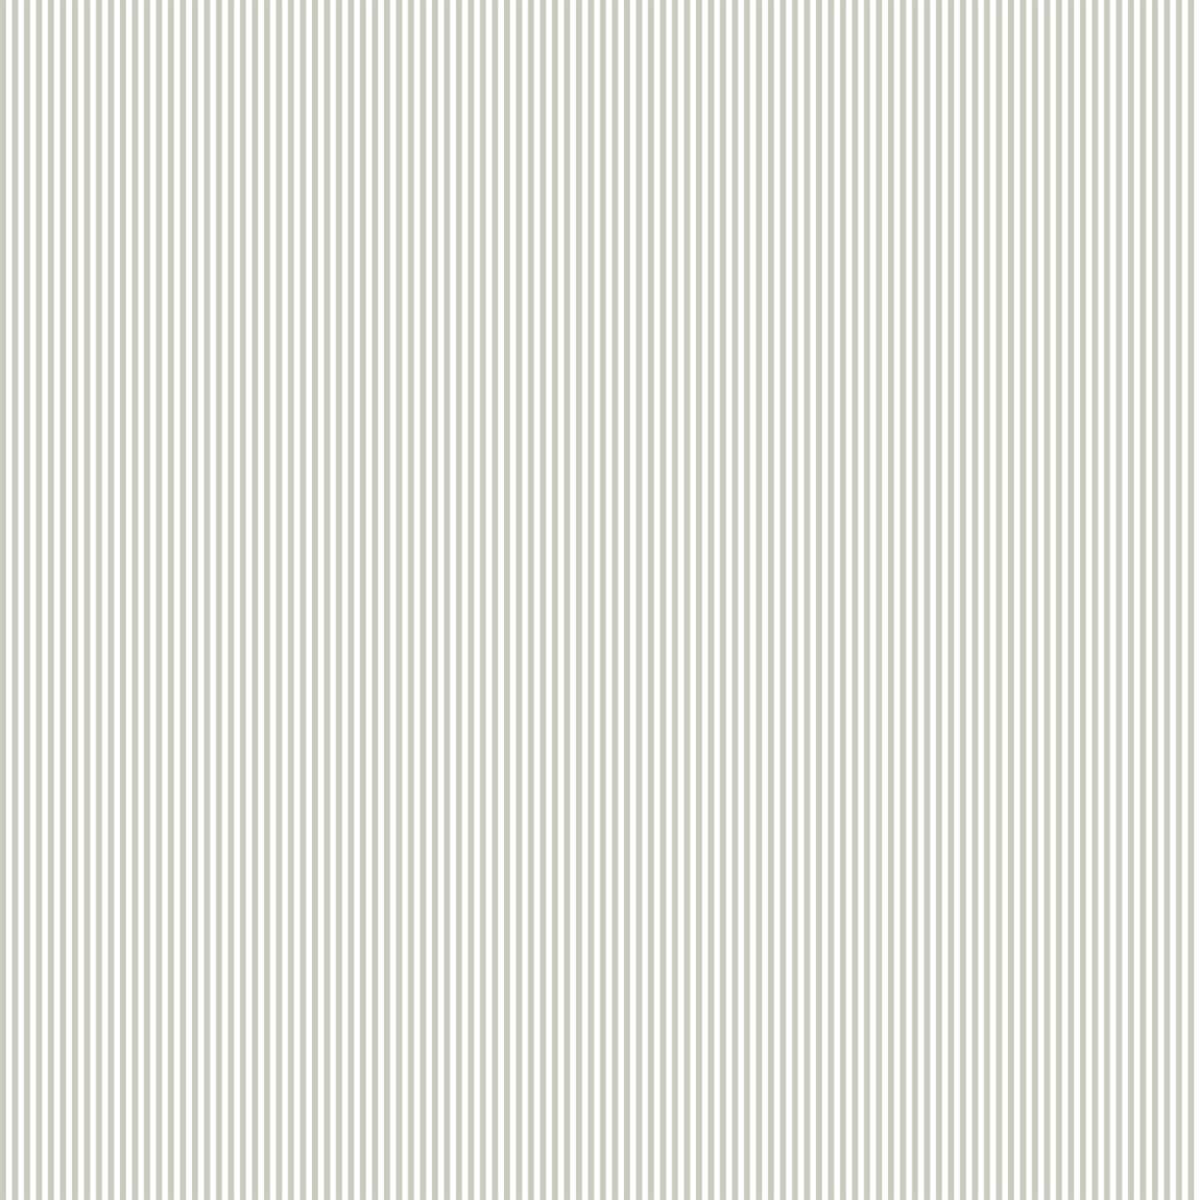 Papel de parede little stripes